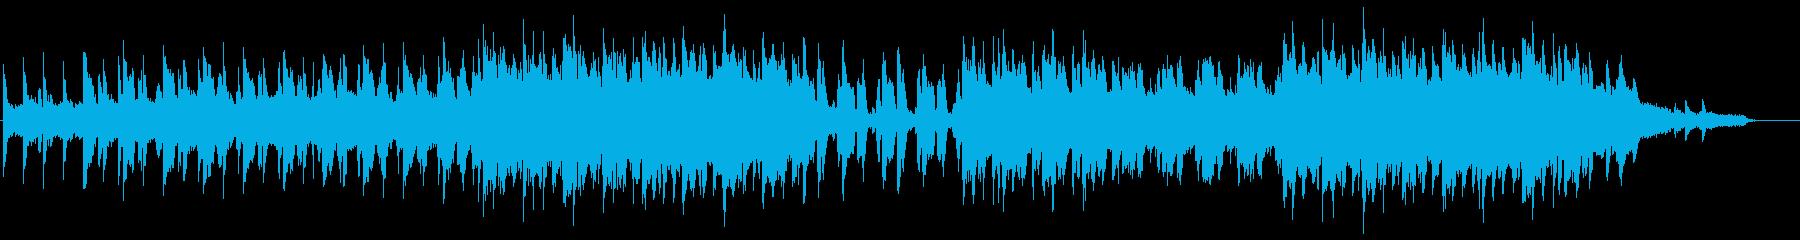 ほんの少し機械的な、のどかなBGMの再生済みの波形